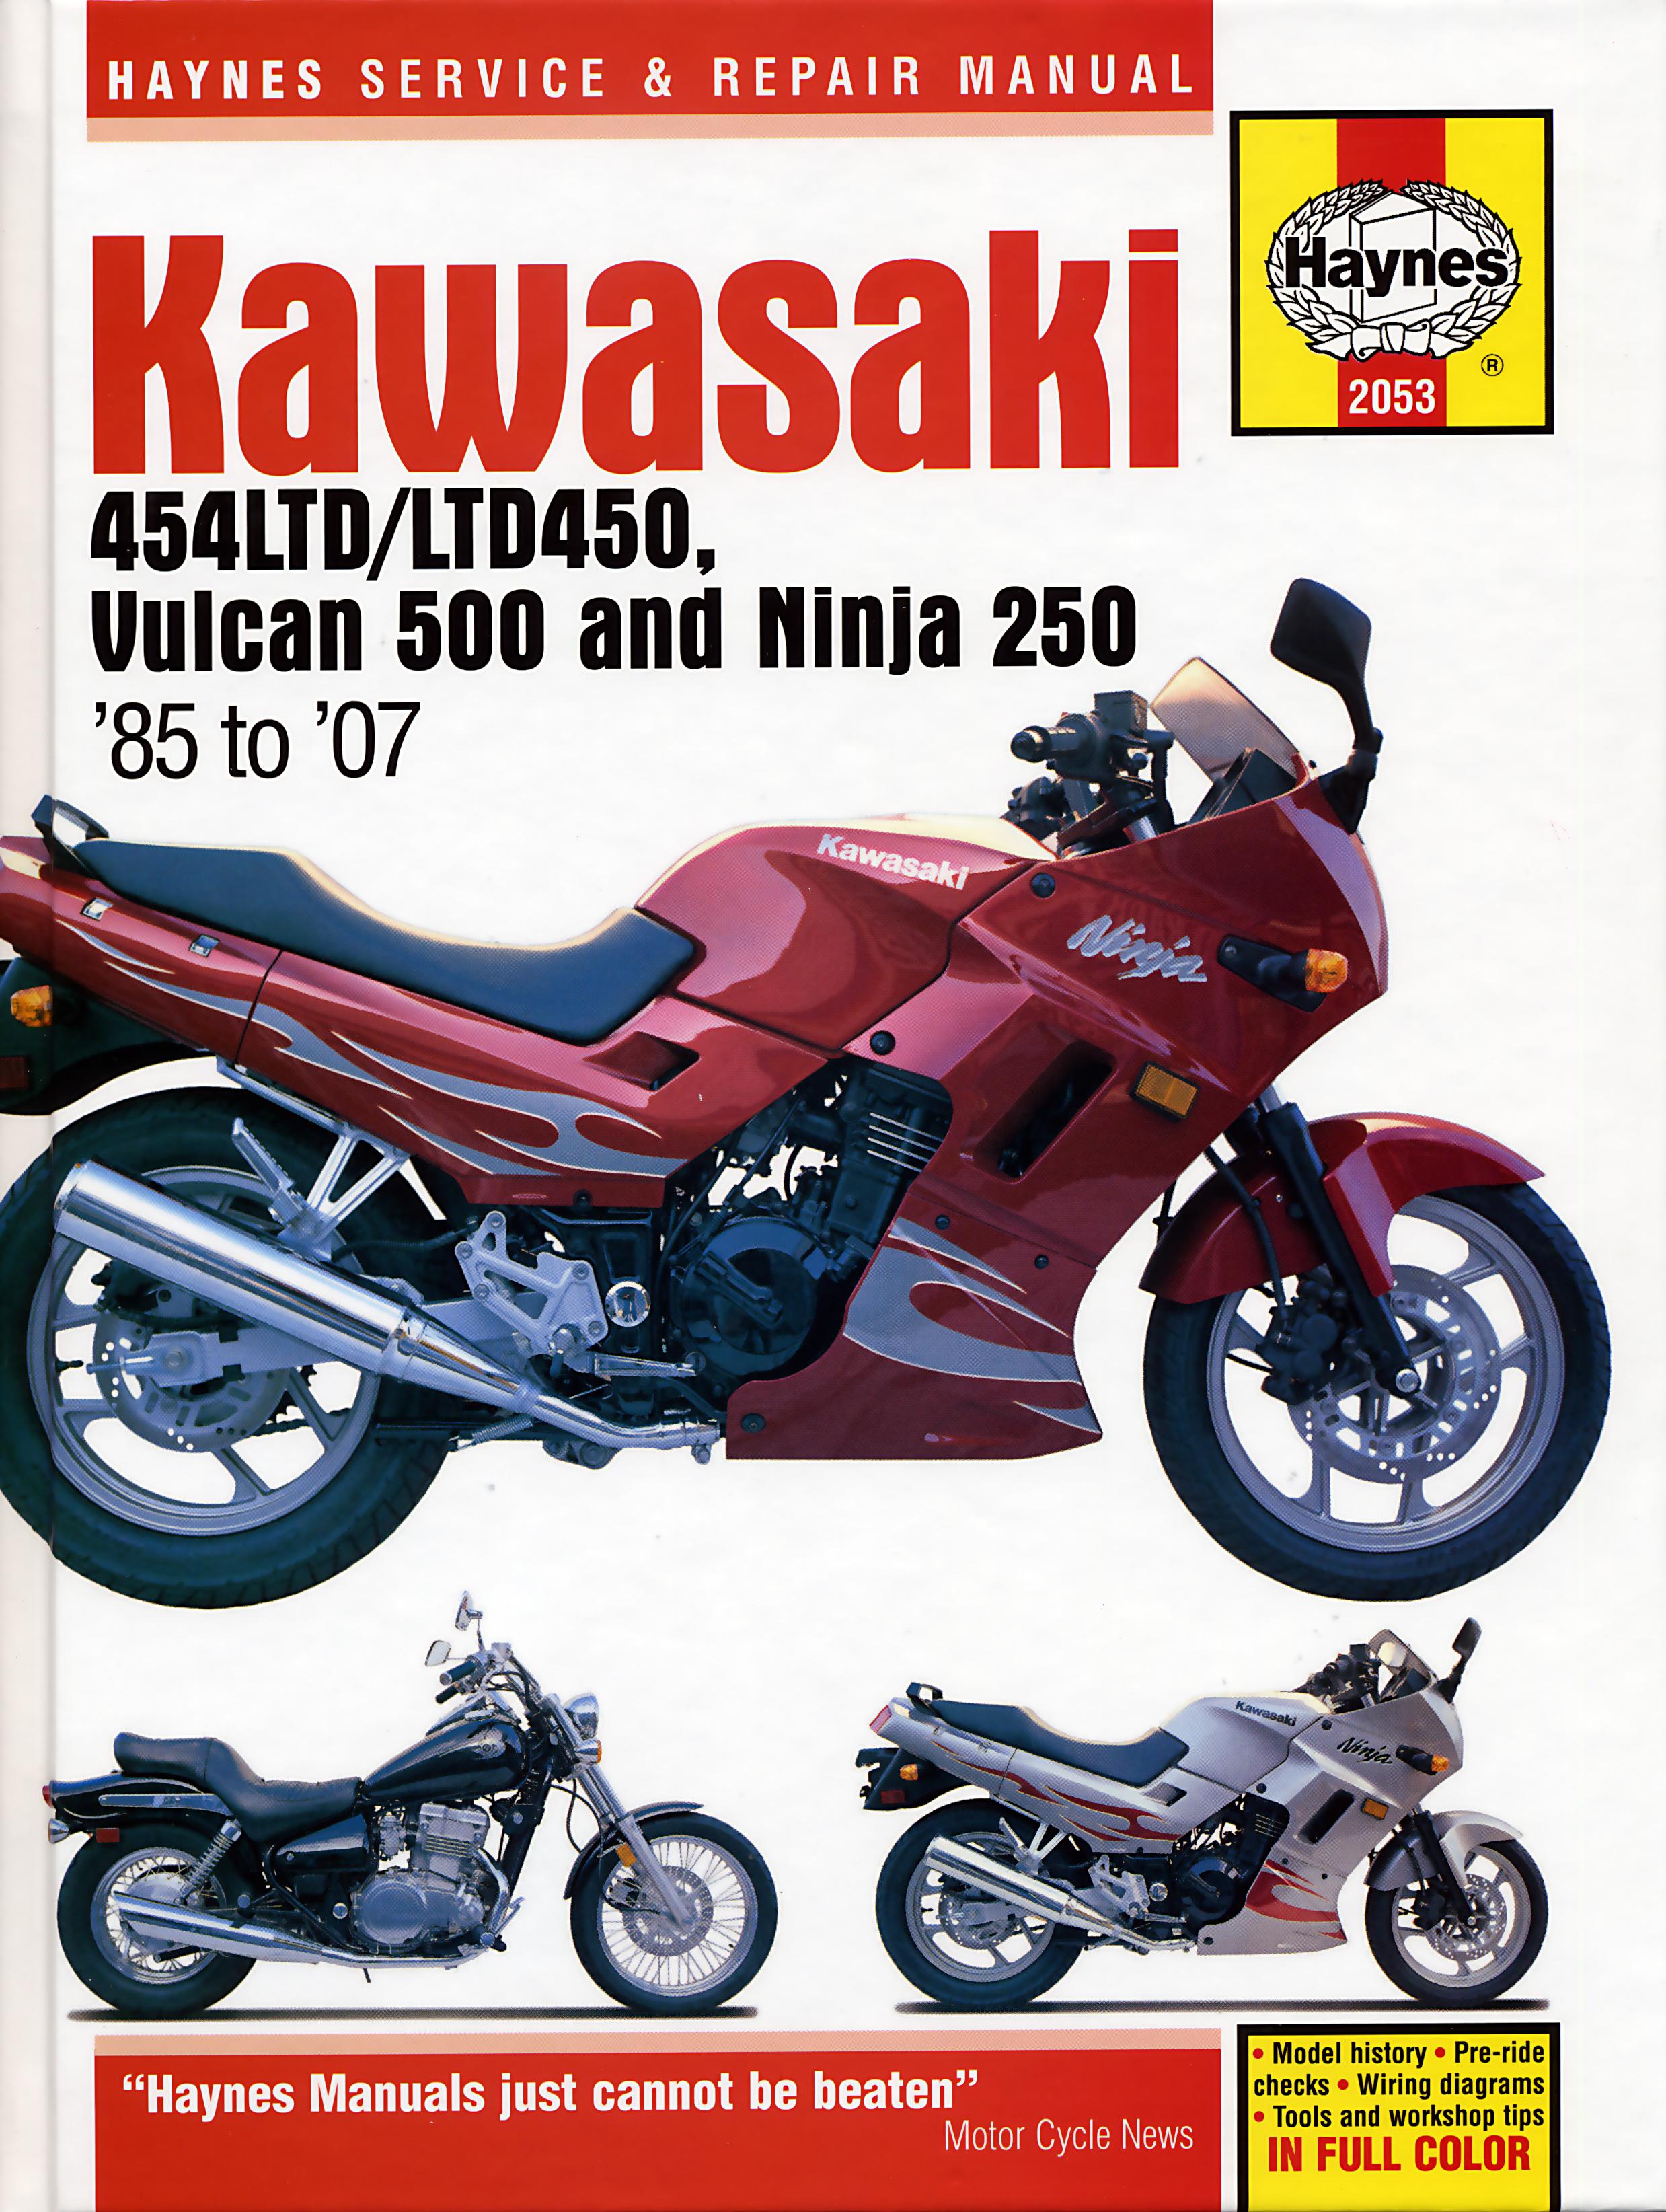 Kawasaki 454LTD LTD450 Vulcan 500 & Ninja 250 85 07 Haynes Repair Manual  Haynes VerkstadhanbokHaynes Verkstadhanbok